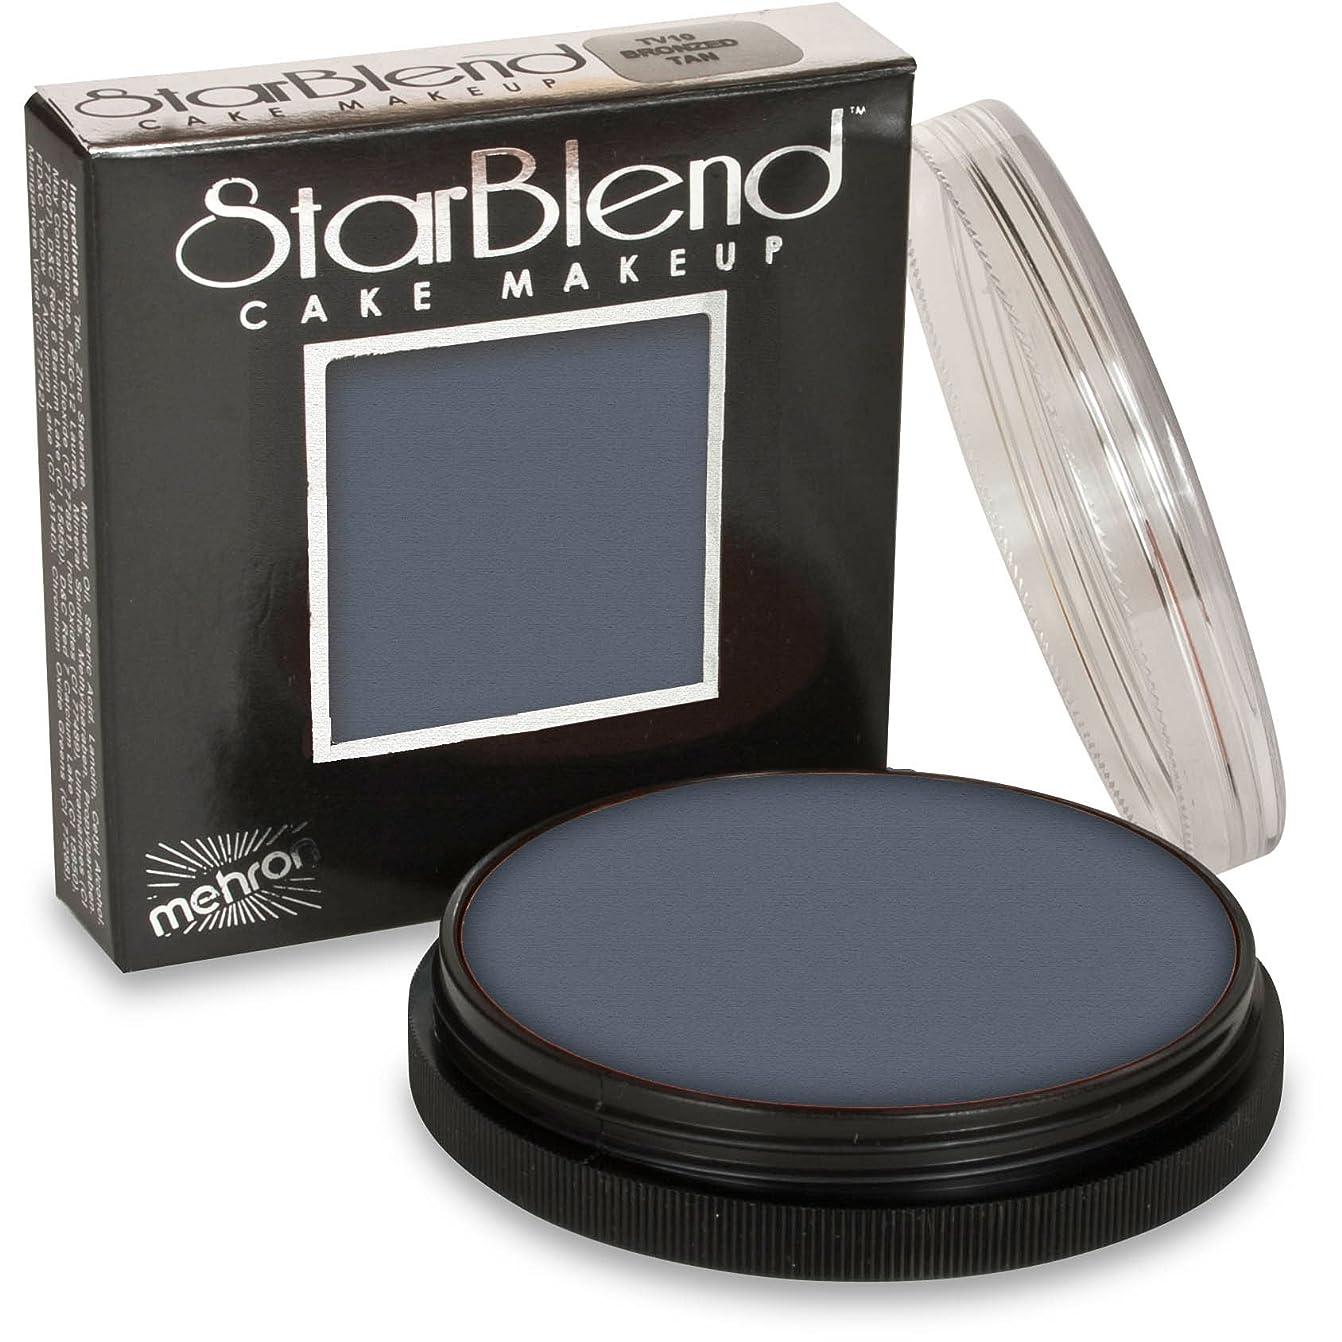 レンダリングプライバシー混合したmehron StarBlend Cake Makeup Light Grey (並行輸入品)